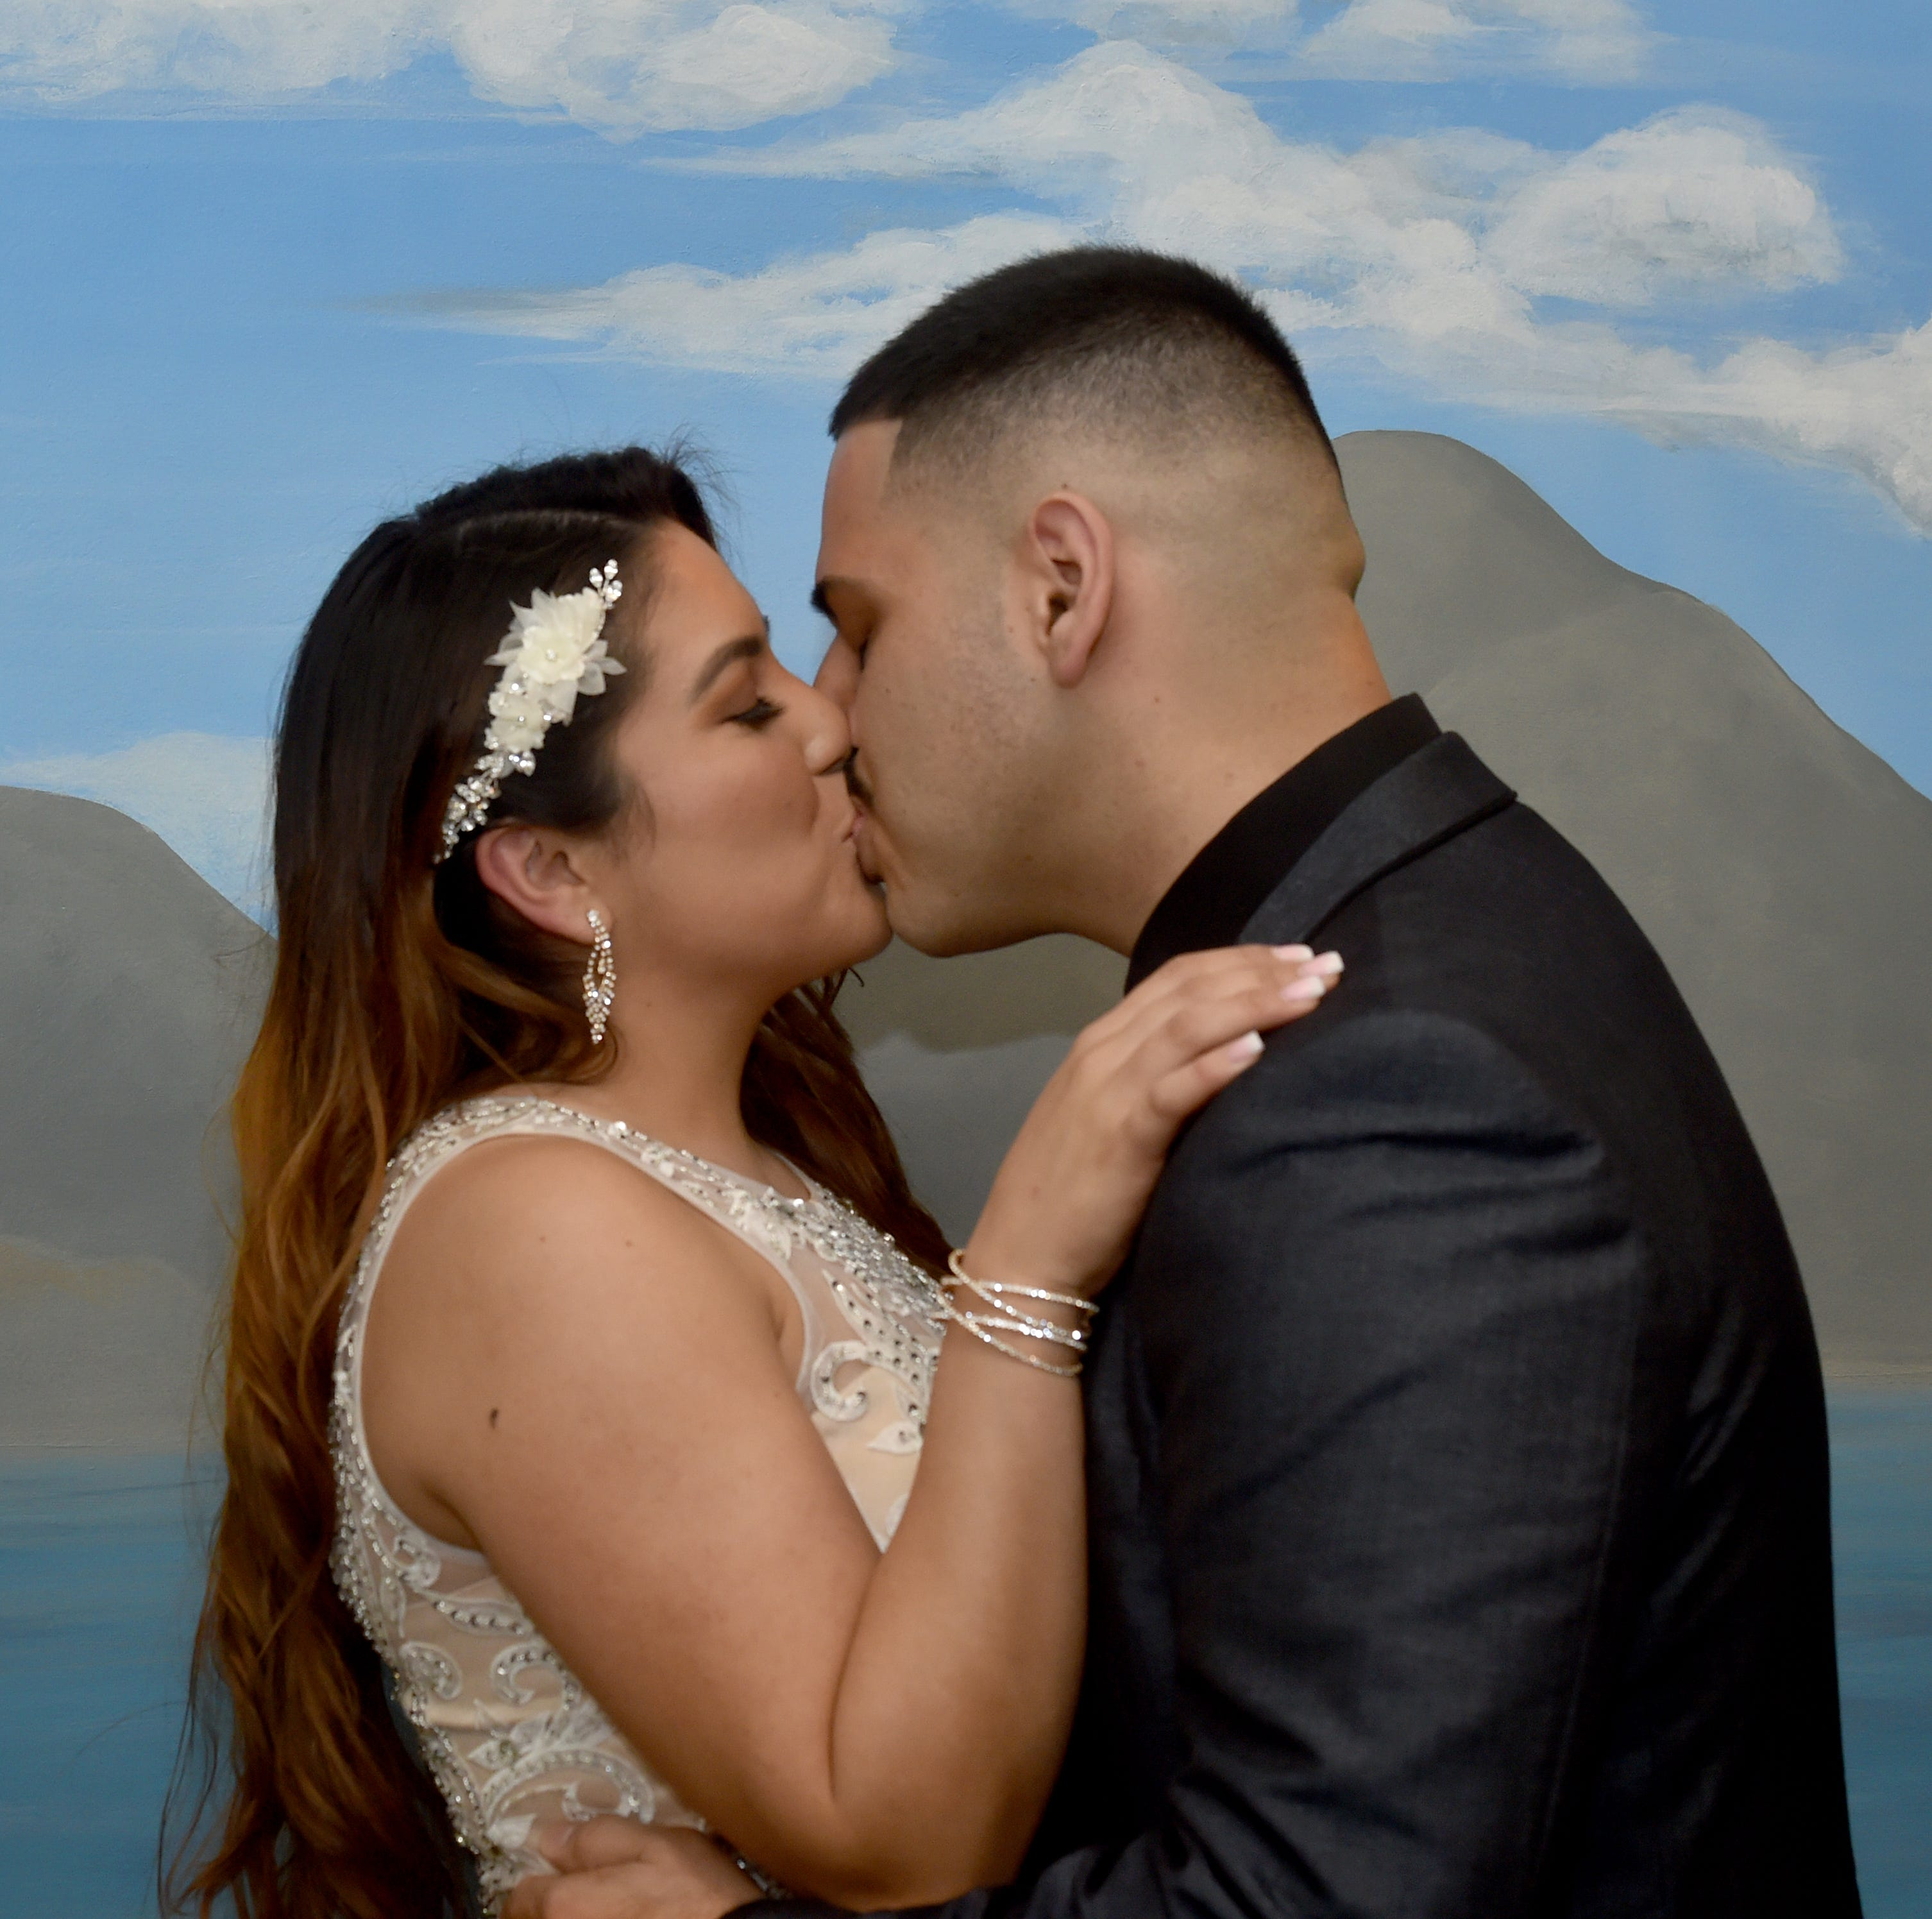 Valentine's Day weddings abound at Ventura County clerk's office